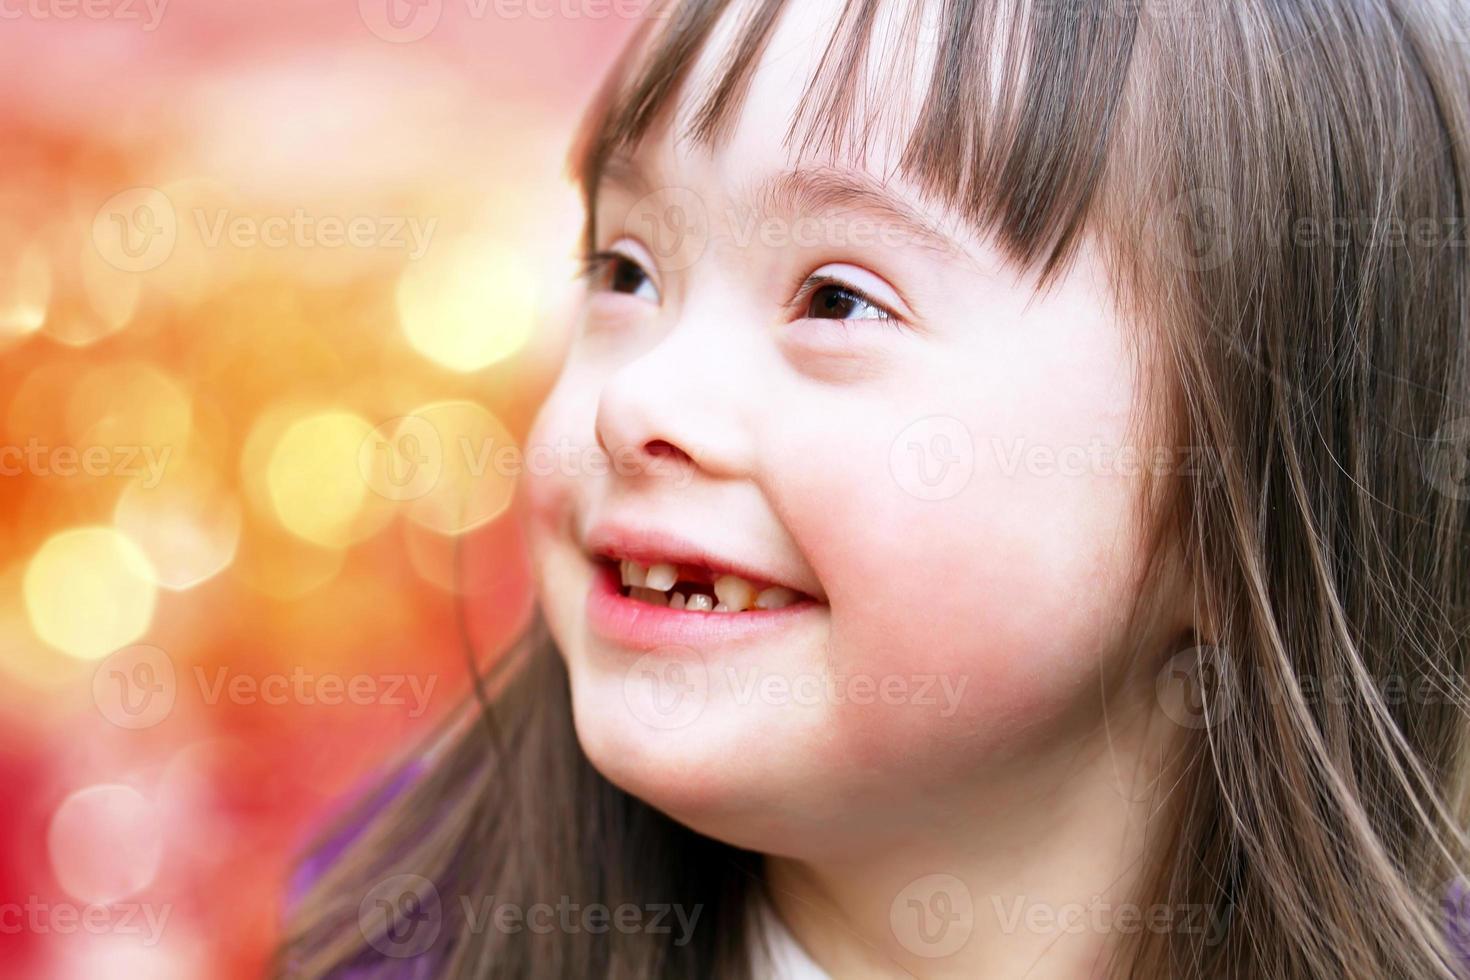 jeune fille souriante avec des lumières en bakground photo